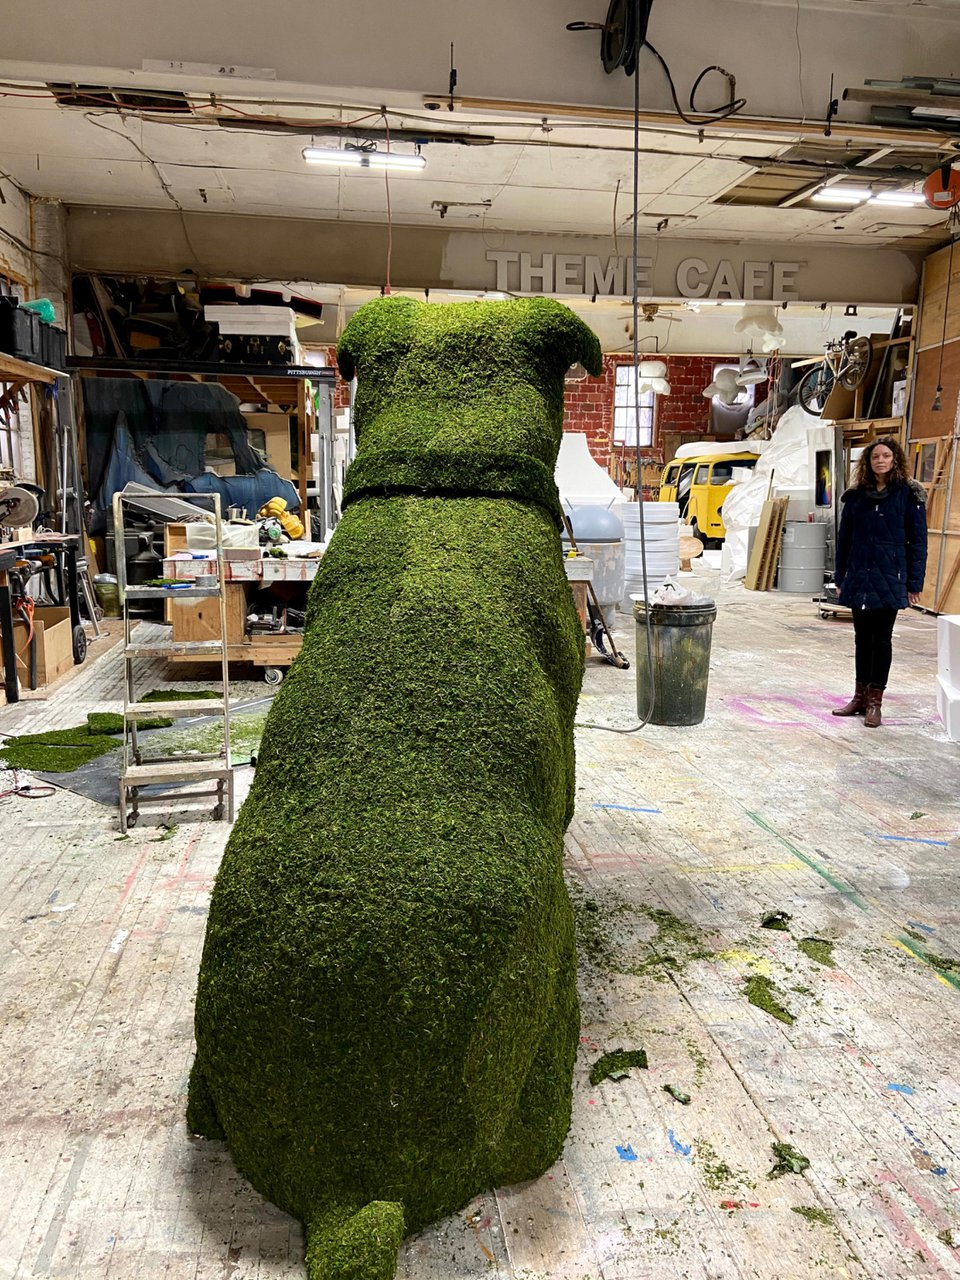 Fomo - 8 ft. Topiary Dog Sculpt photo 985407ED-8DD4-483F-AF82-CCF6D0799A8E.jpg